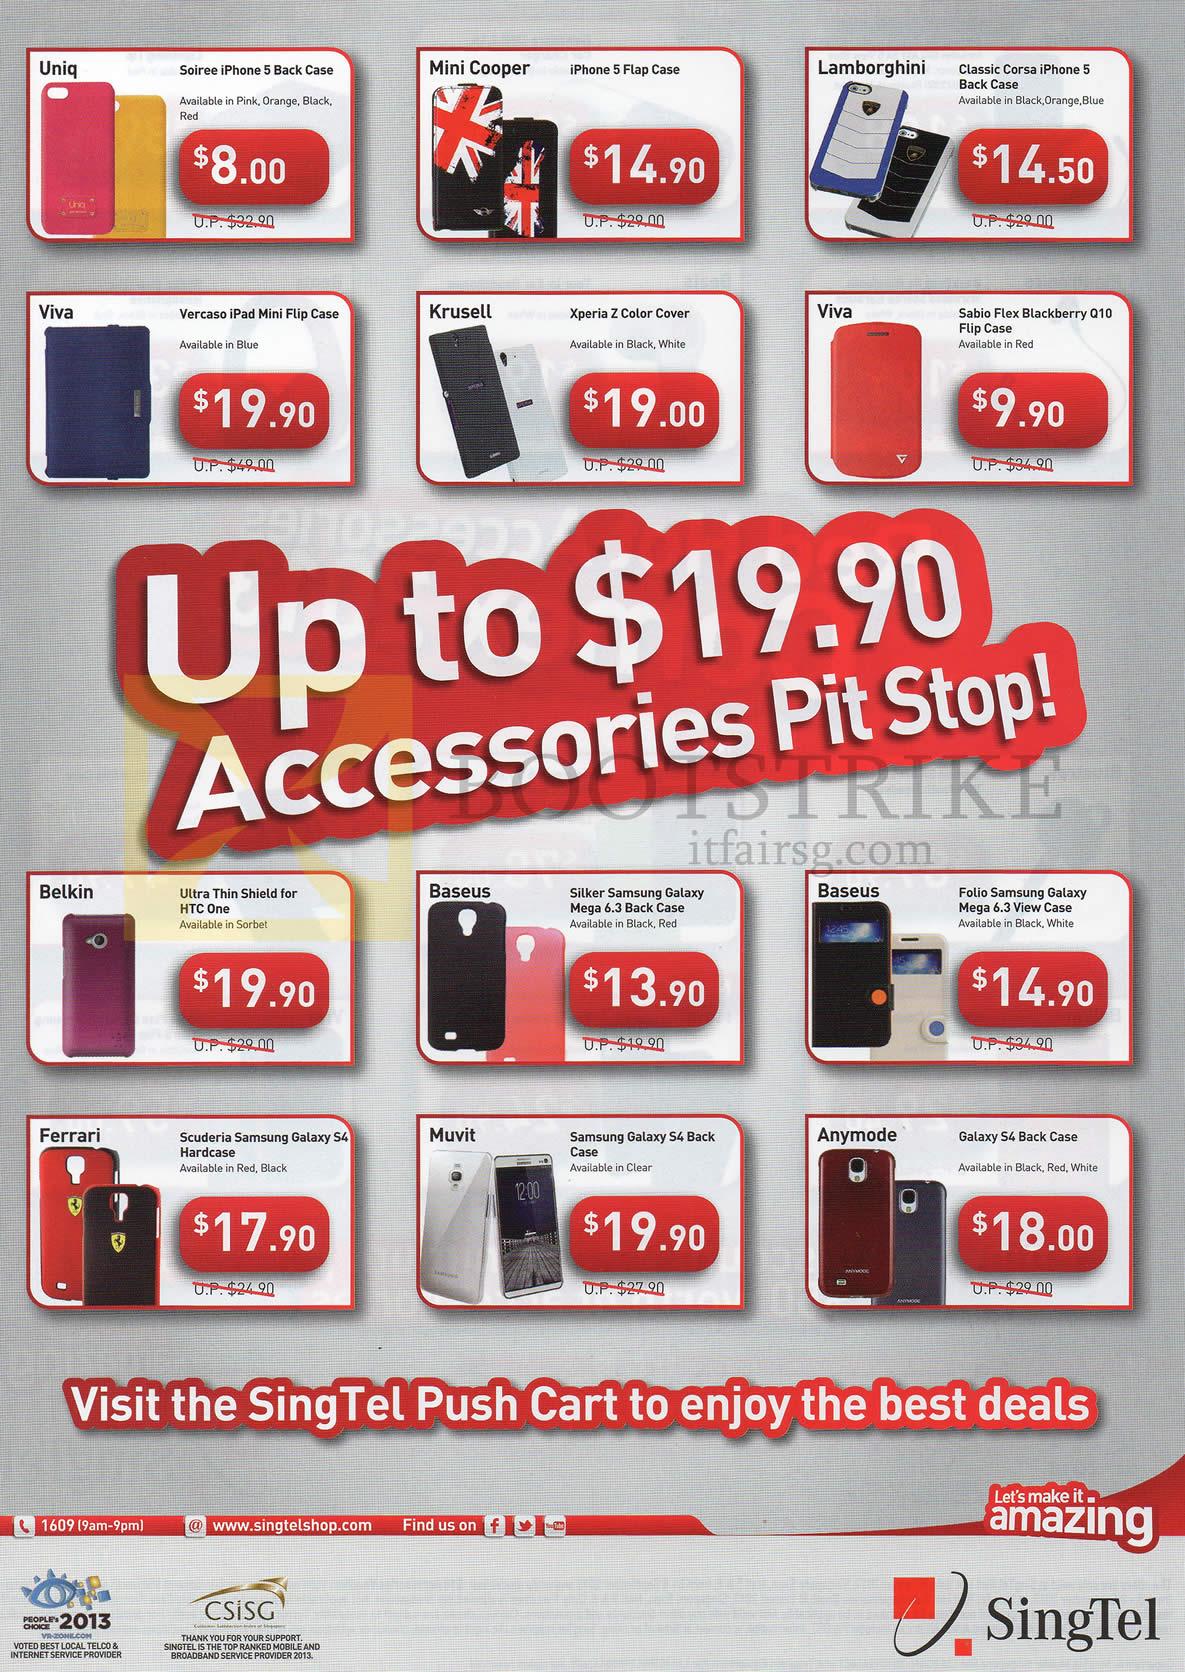 COMEX 2013 price list image brochure of Singtel Accessories Case, Cover, Uniq, Mini Cooper, Lamborghini, Baseus, Ferrari